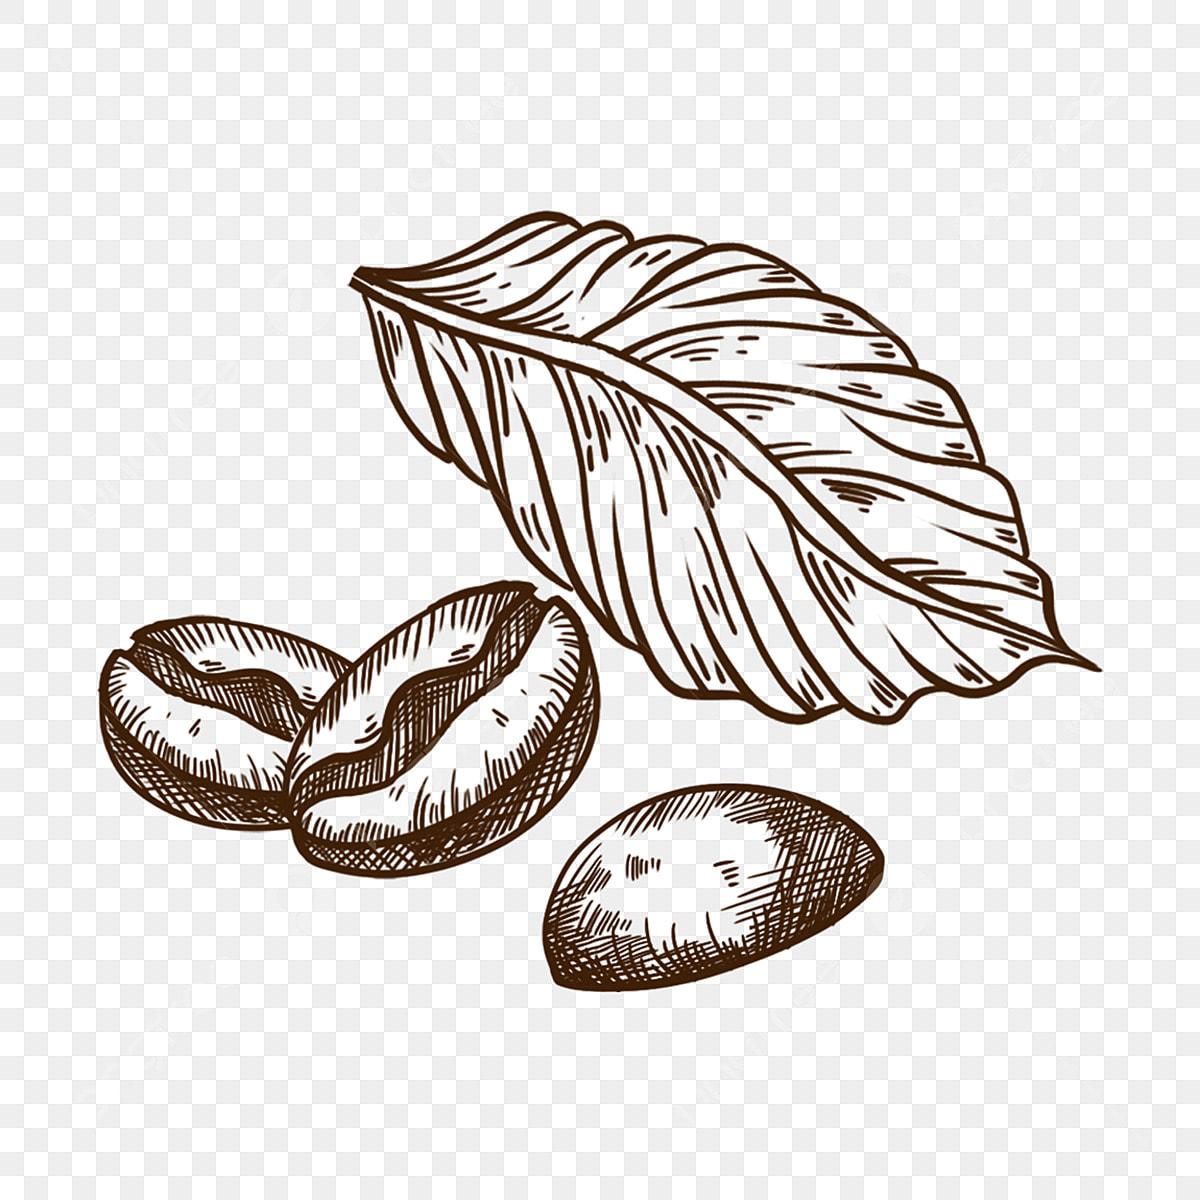 Elemento De Ilustracao De Grao De Cafe De Desenho De Linha Preto E